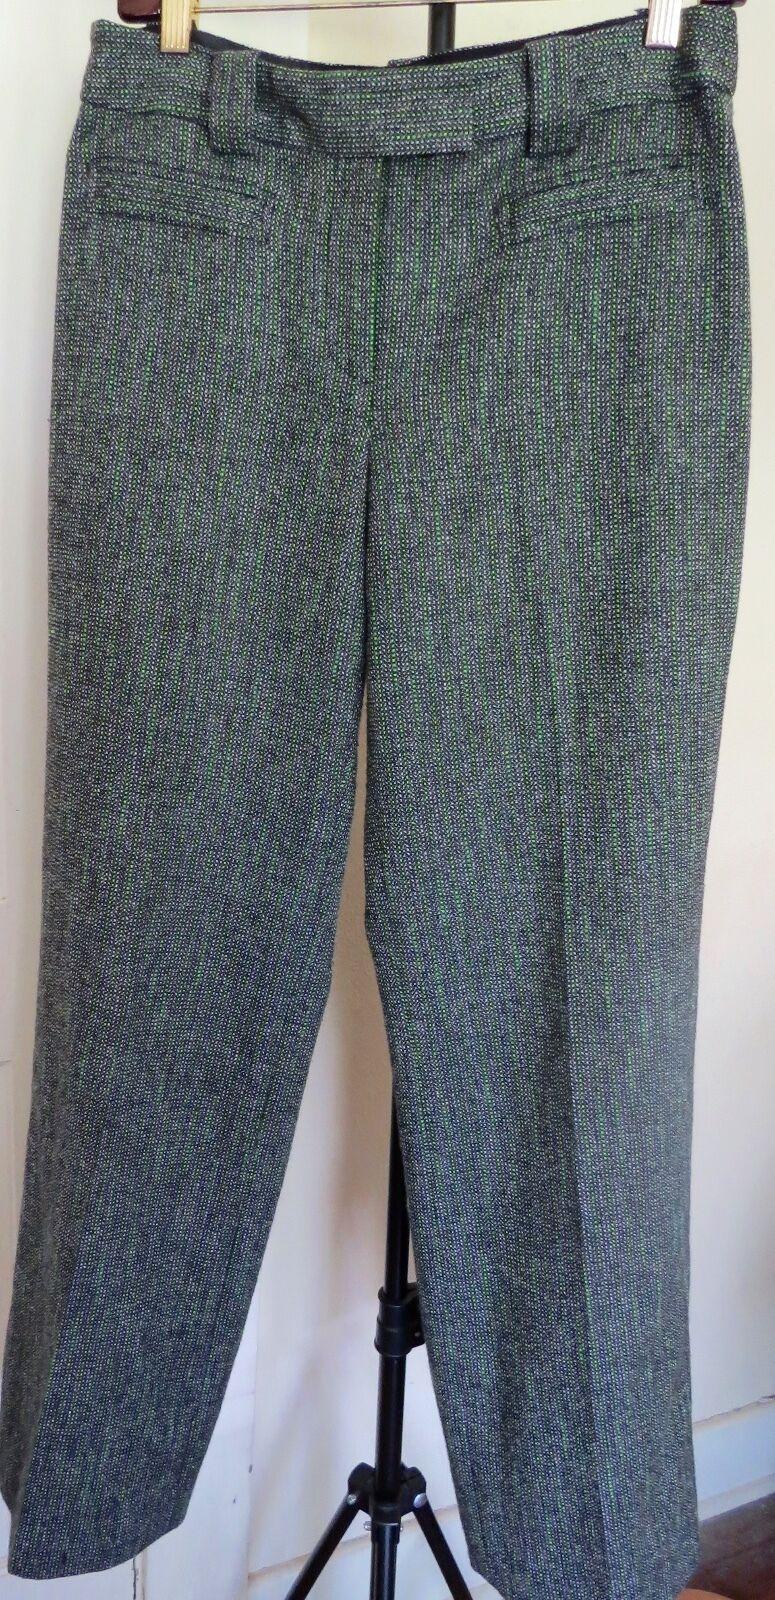 Etcetera Grün   Mehrfarbig Tweed Weites Bein Polyester Mischung Hose Größe 6